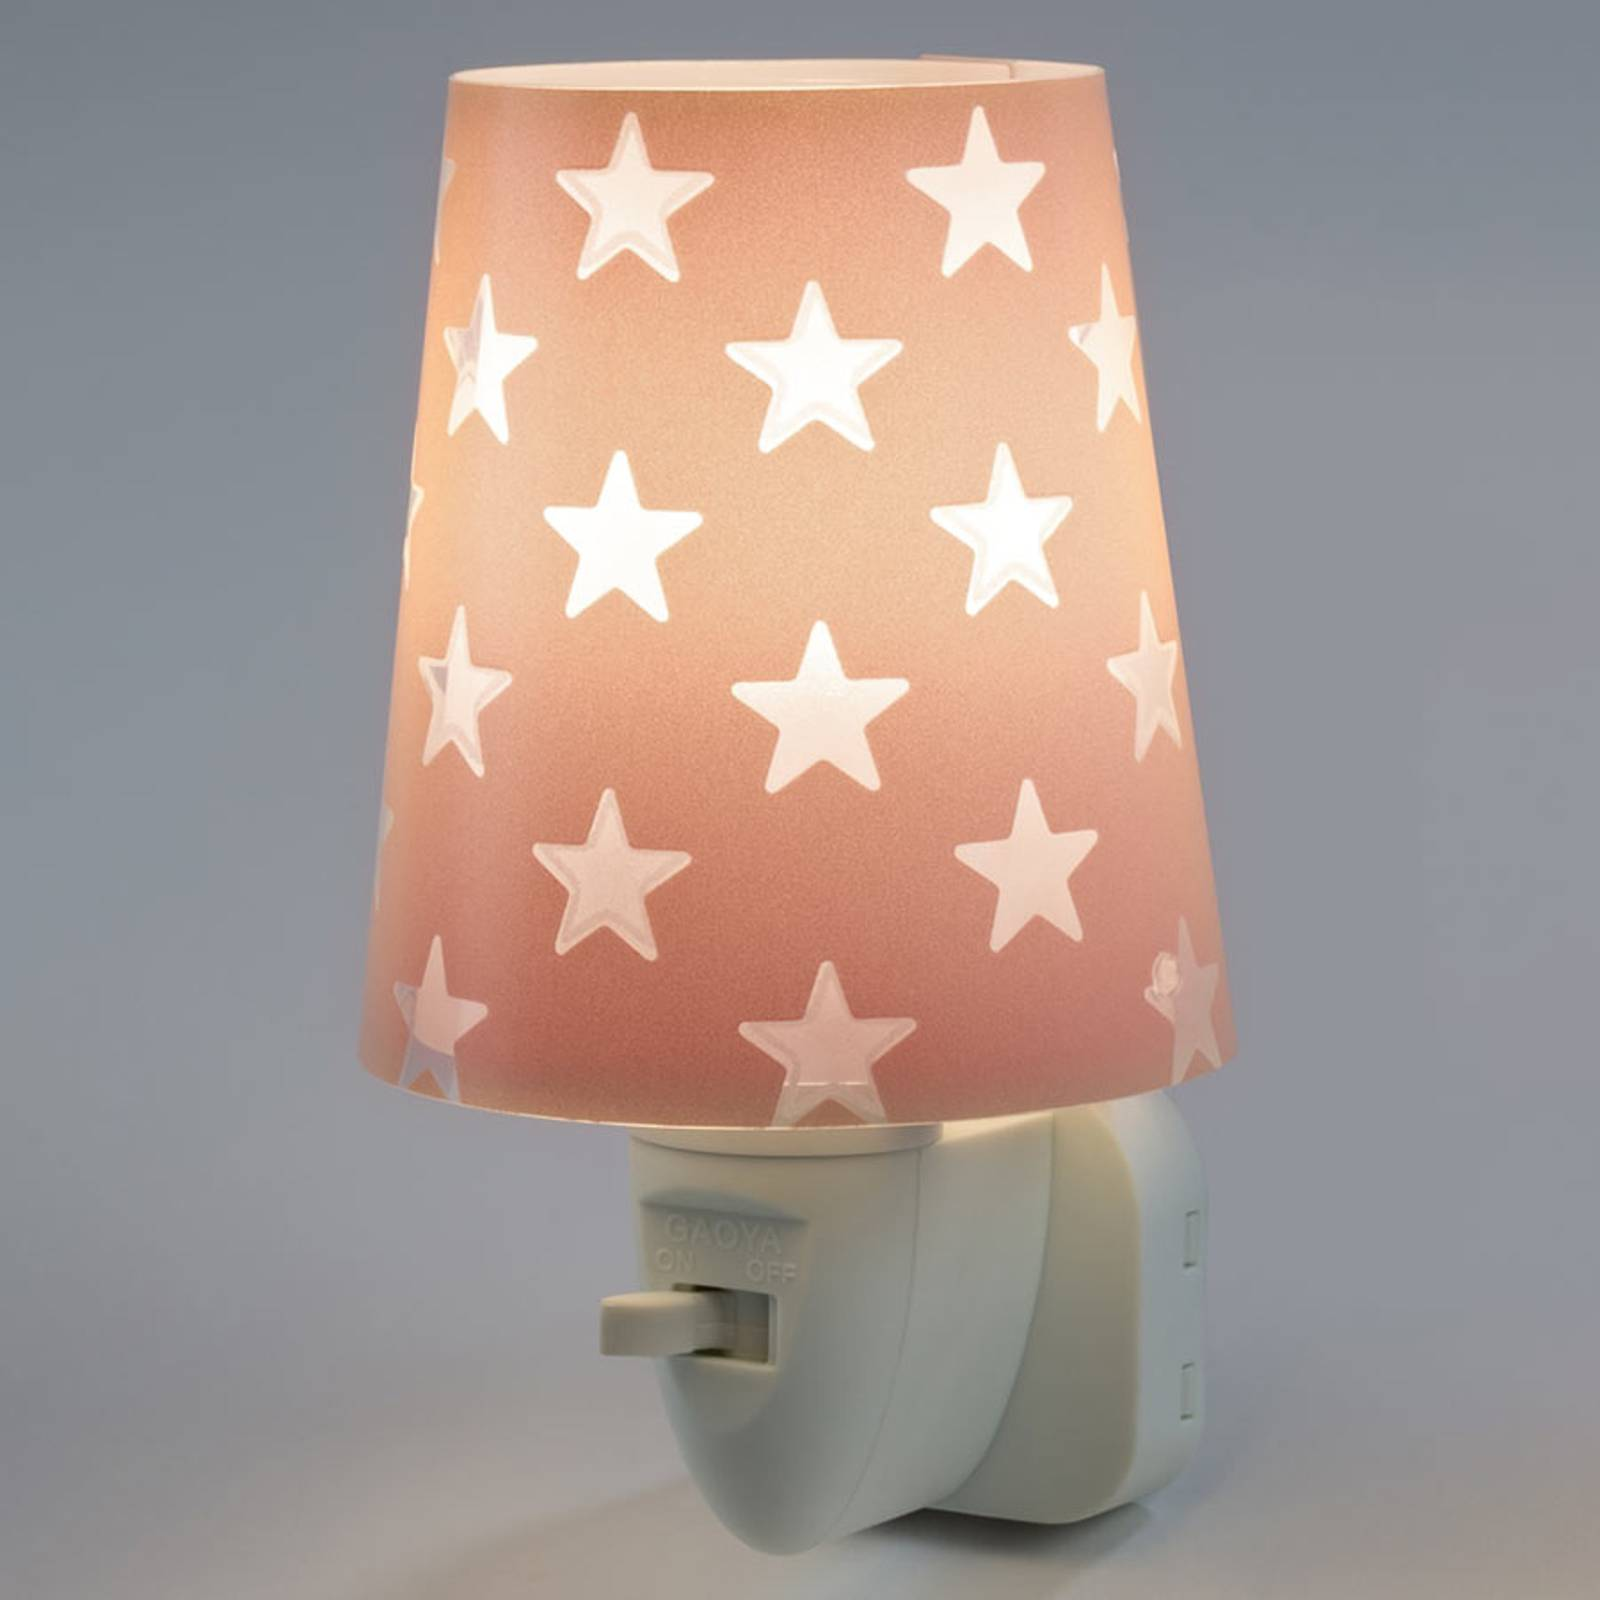 Stars - LED-yövalo, oranssi, kytkin